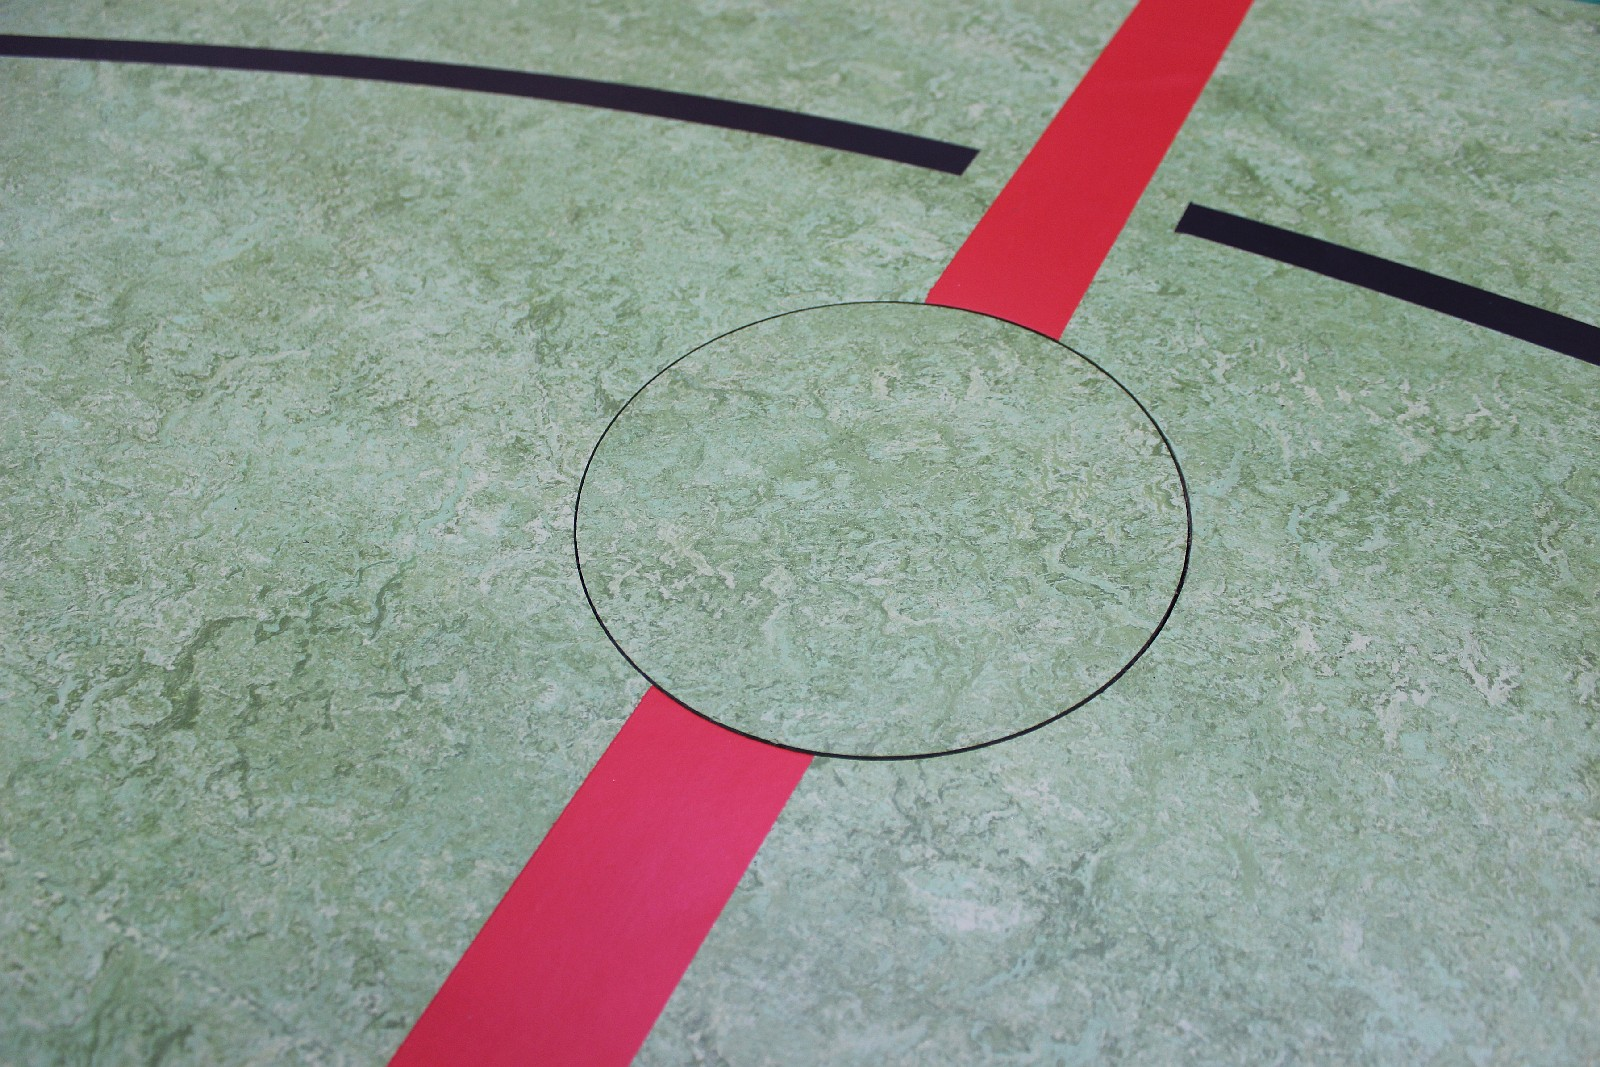 SBS Rahmen und Deckel mit umlaufender Gummidichtung